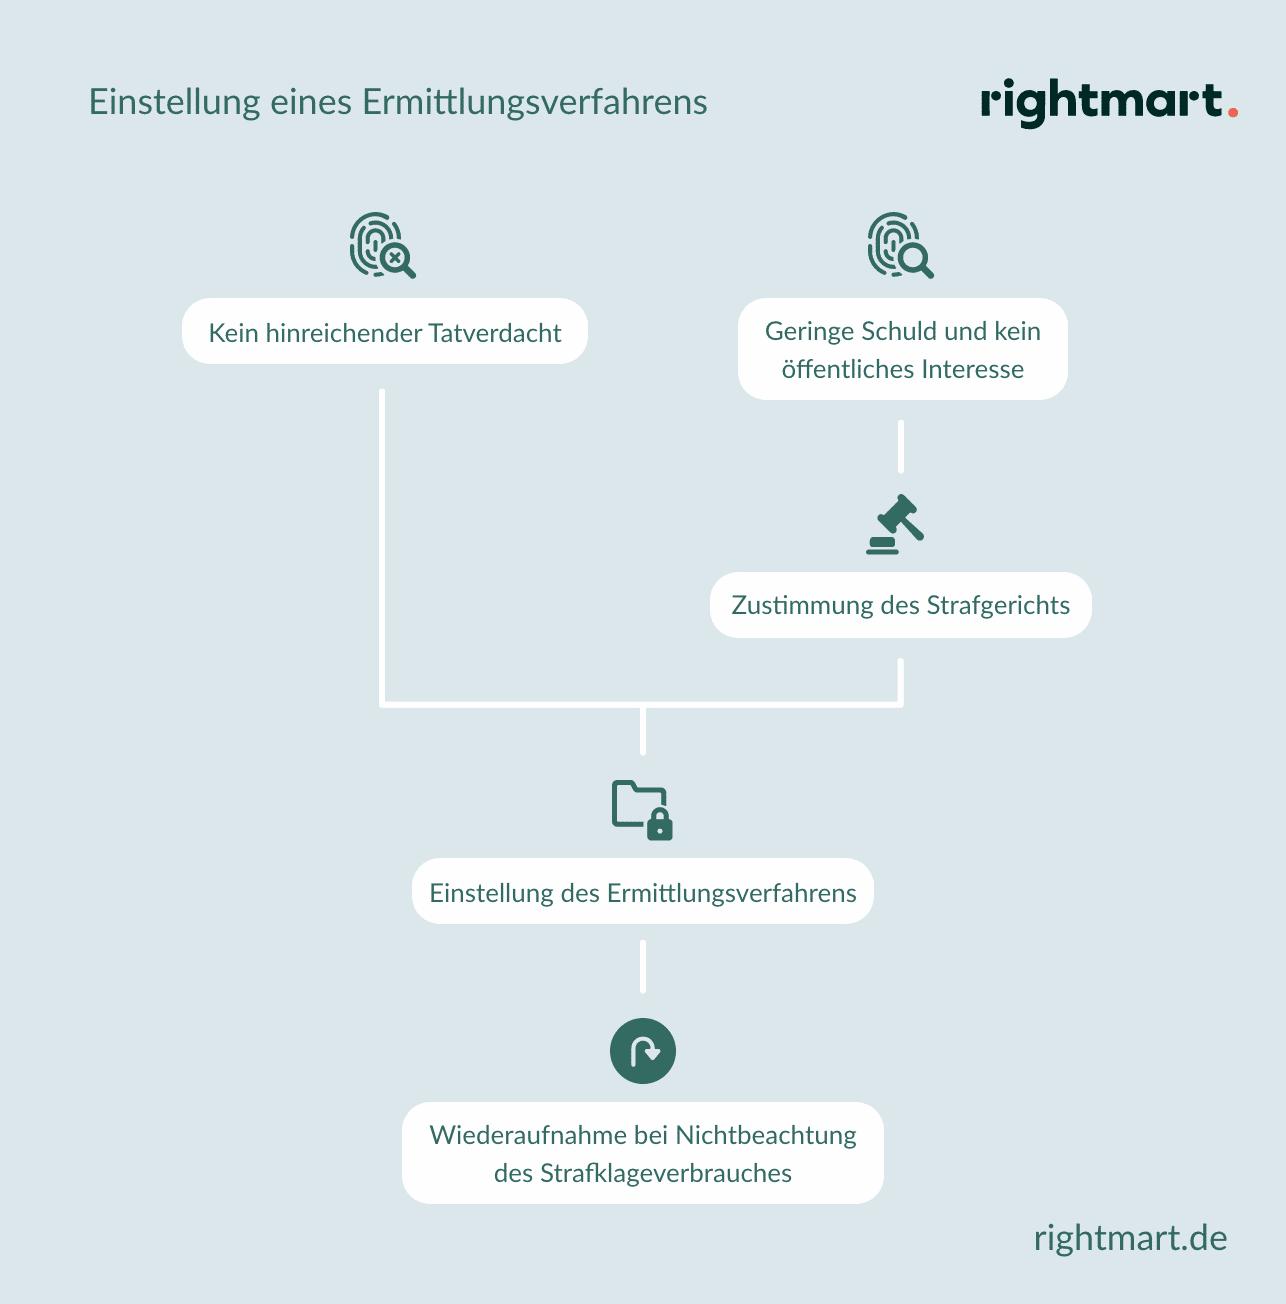 Ablauf der Einstelleung eines Ermittlungsverfahrens